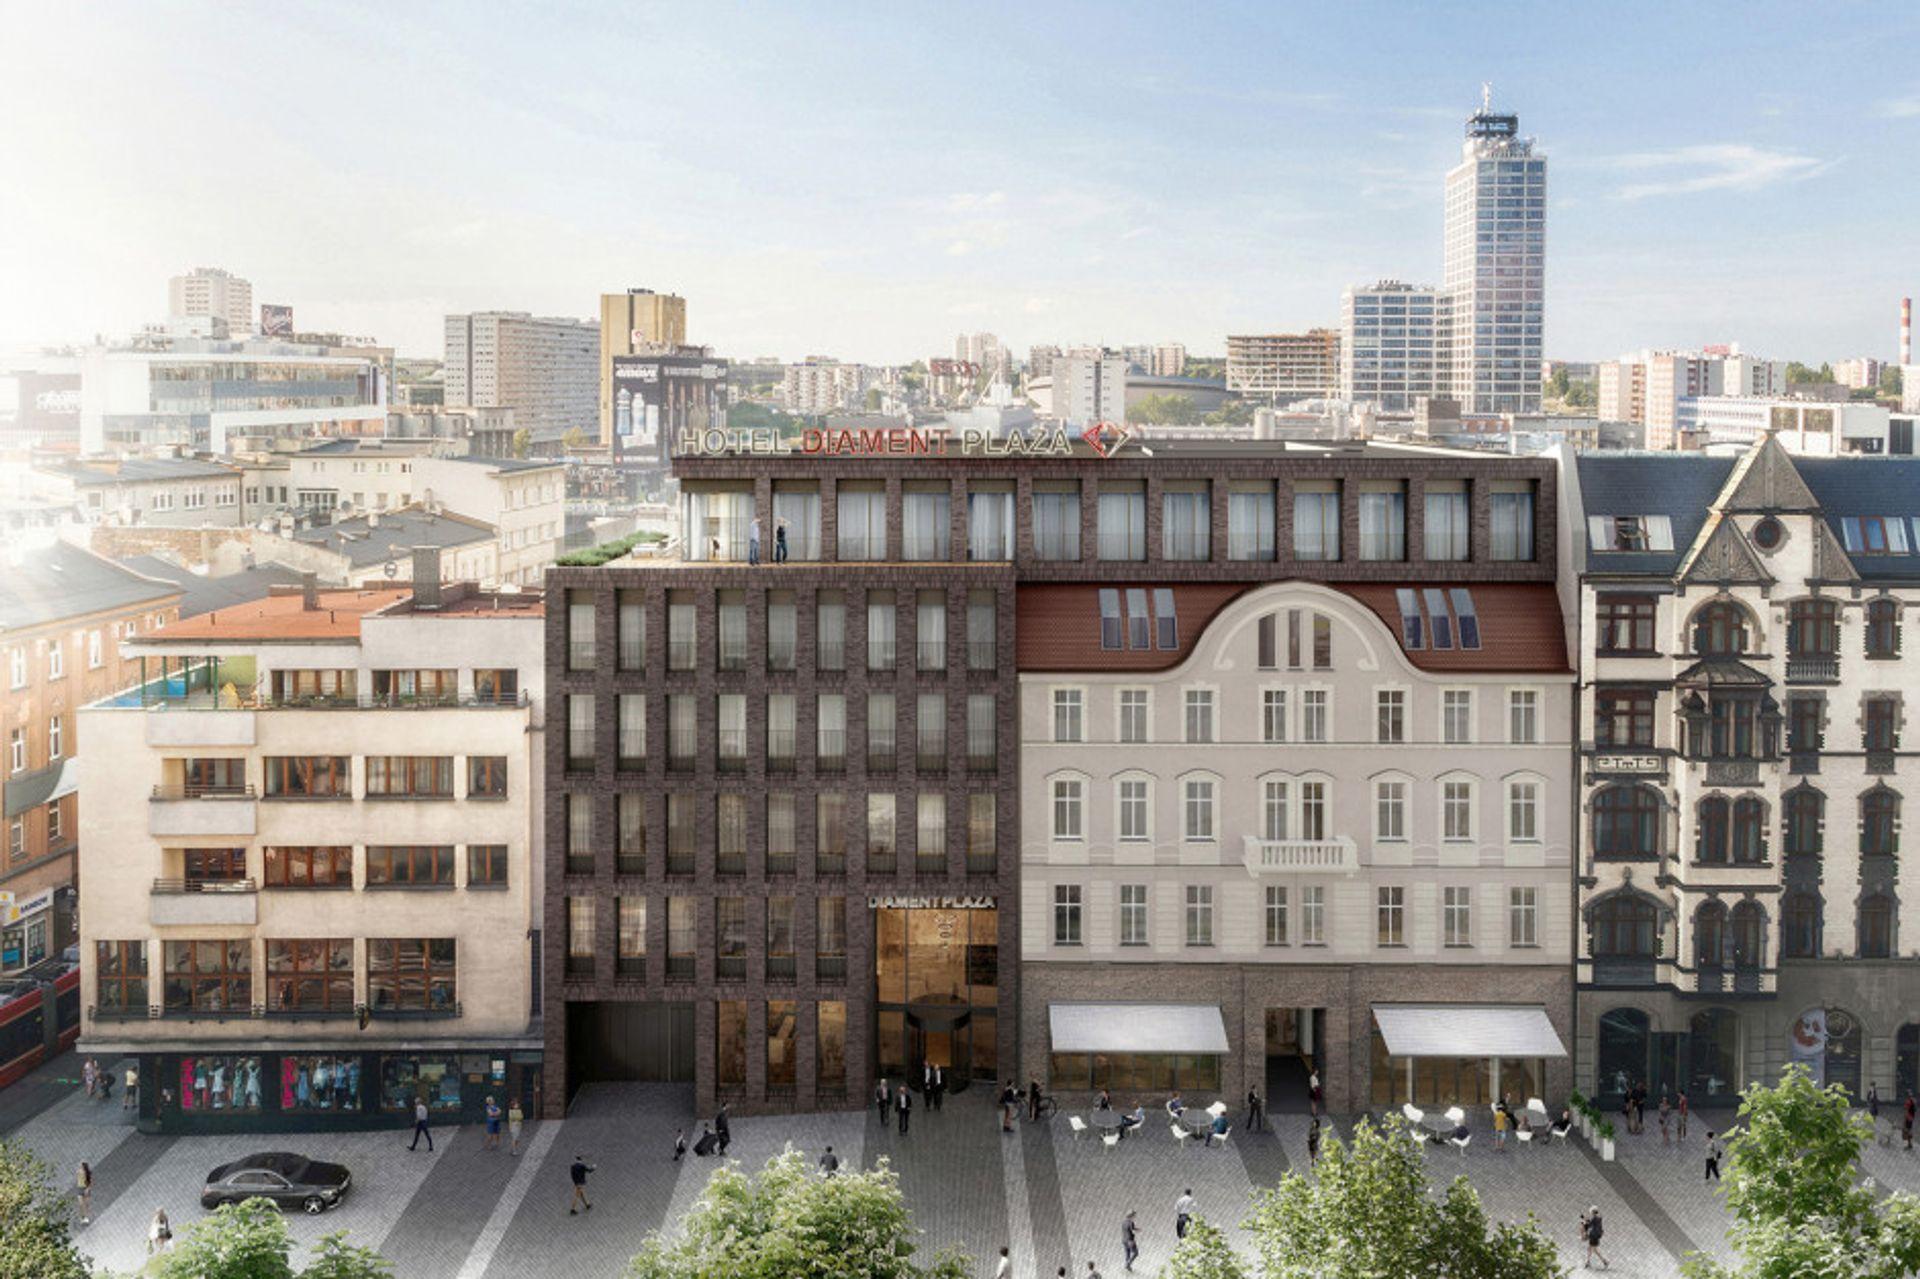 Wkrótce otwarcie hotelu Diament Plaza w centrum Katowic